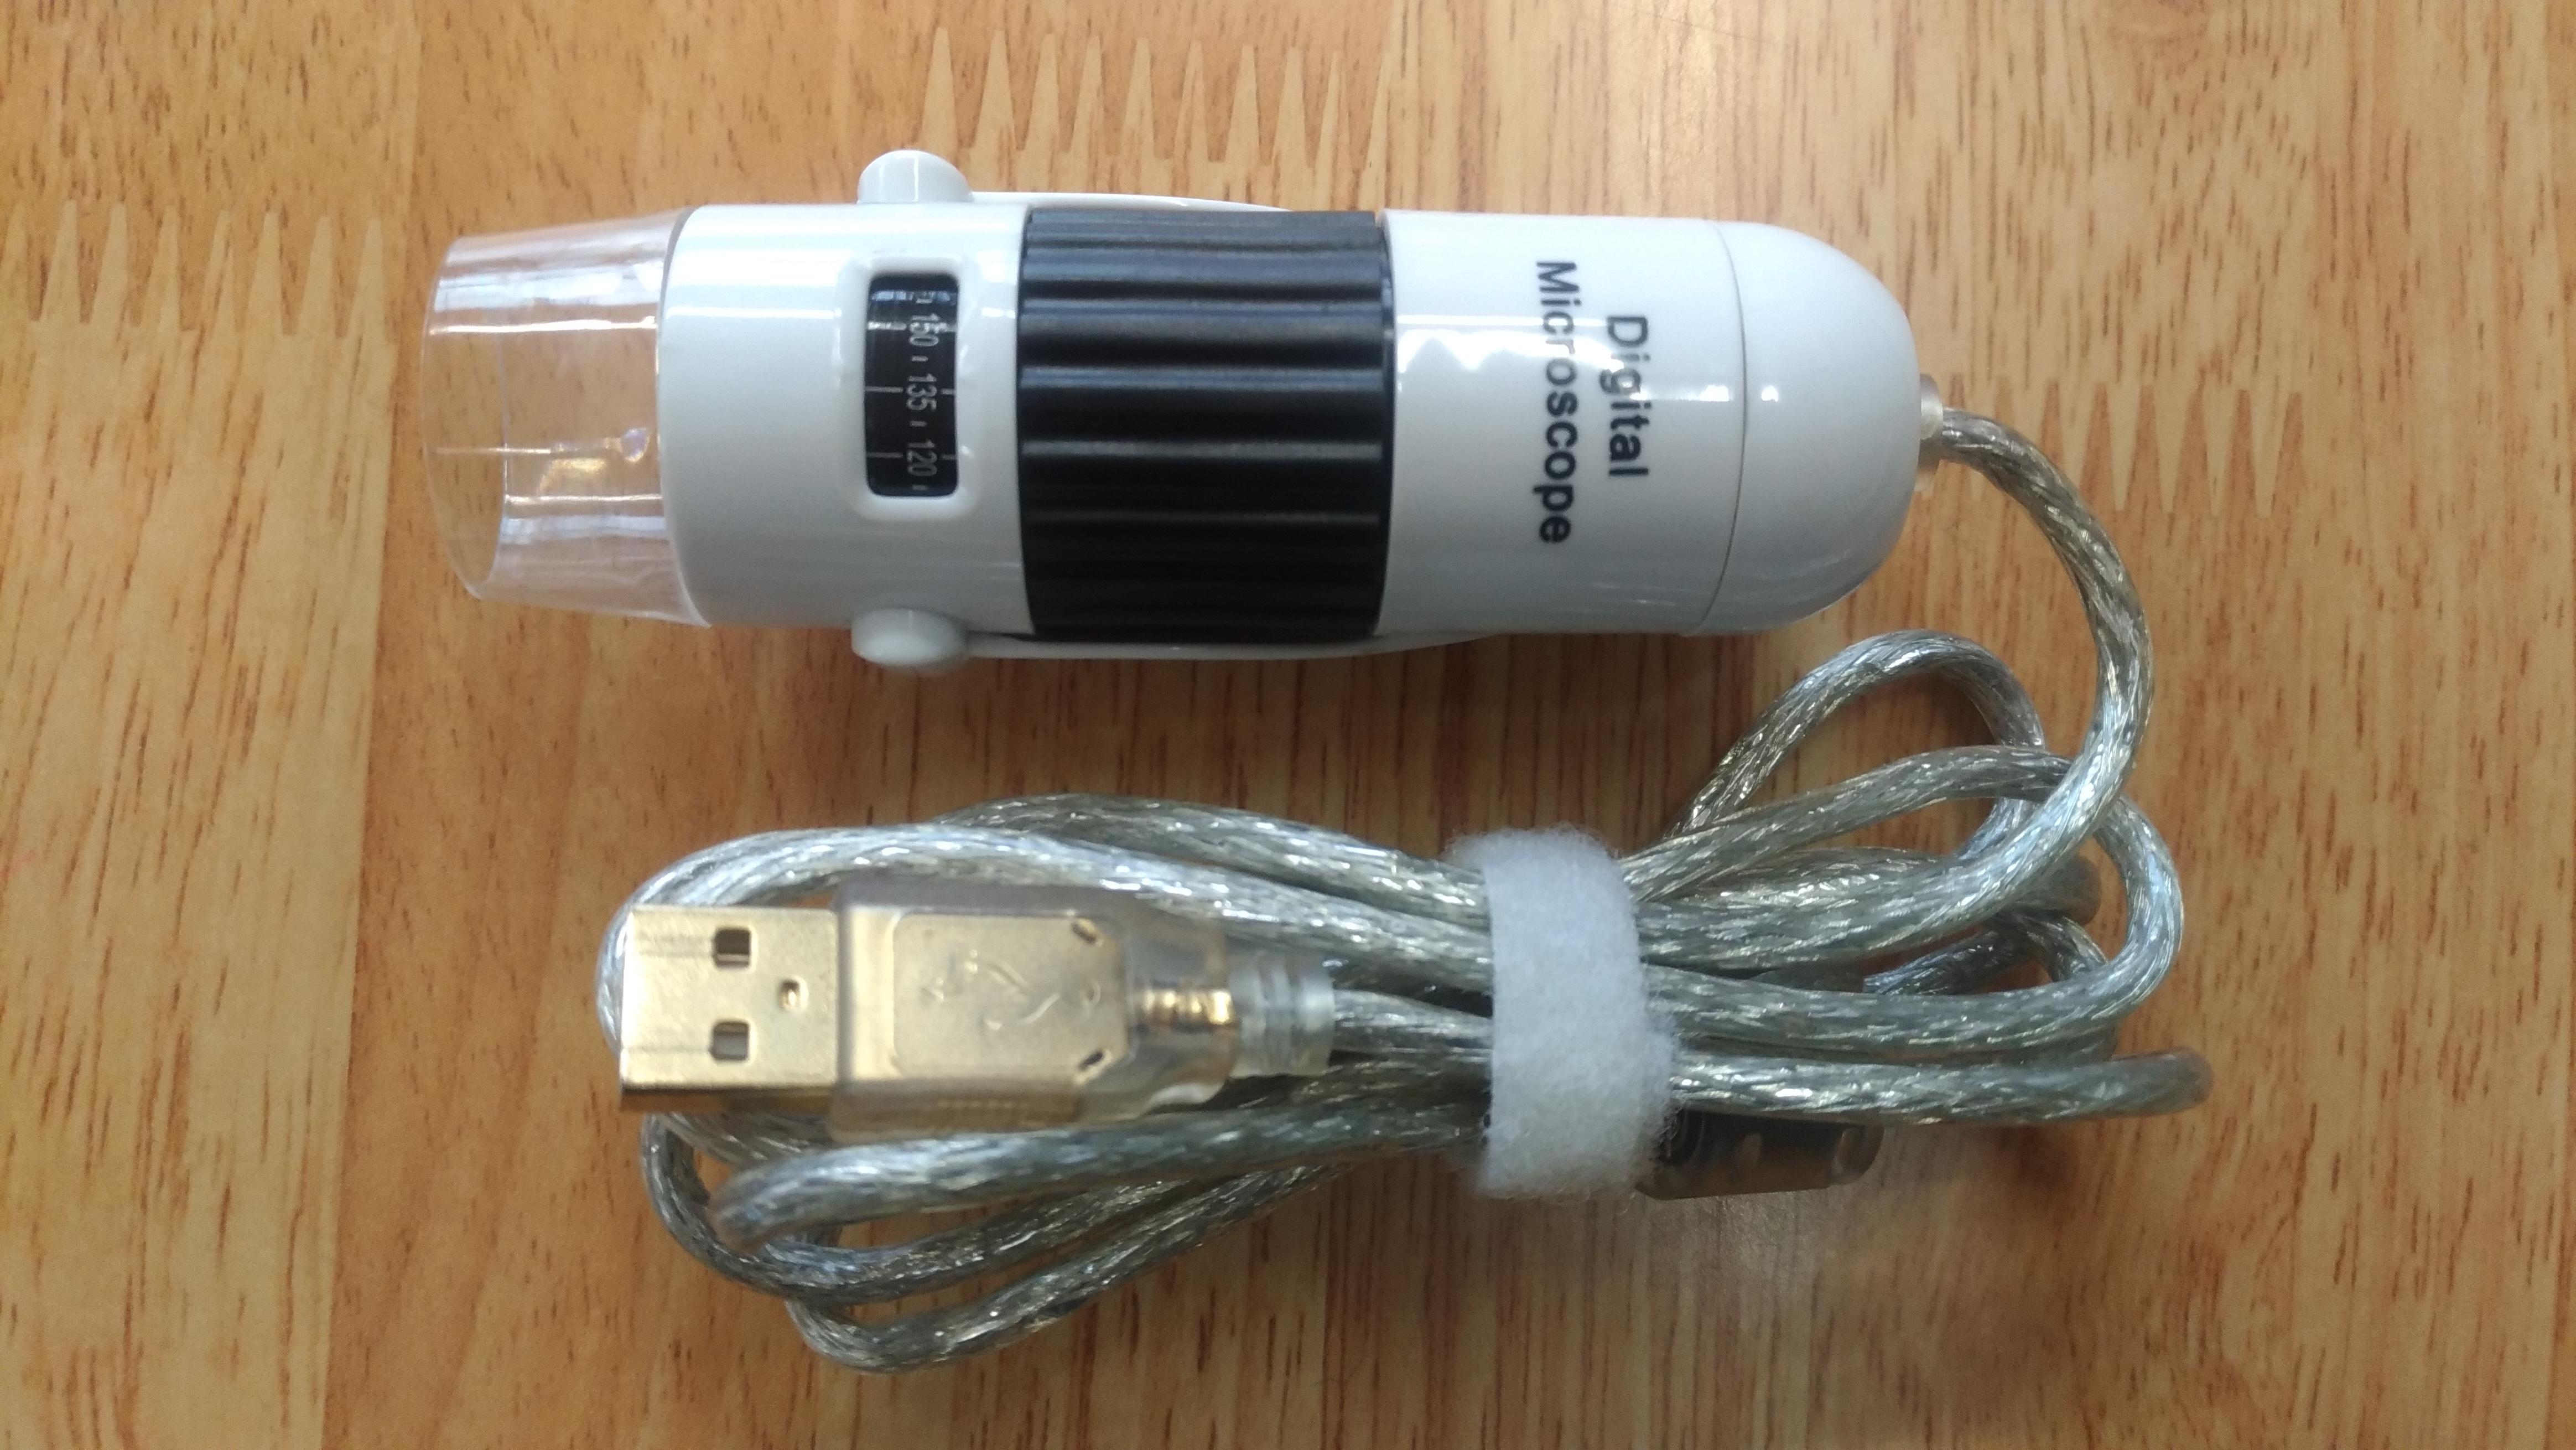 USBデジタルマイクロ顕微鏡「秀マイクロン」が便利